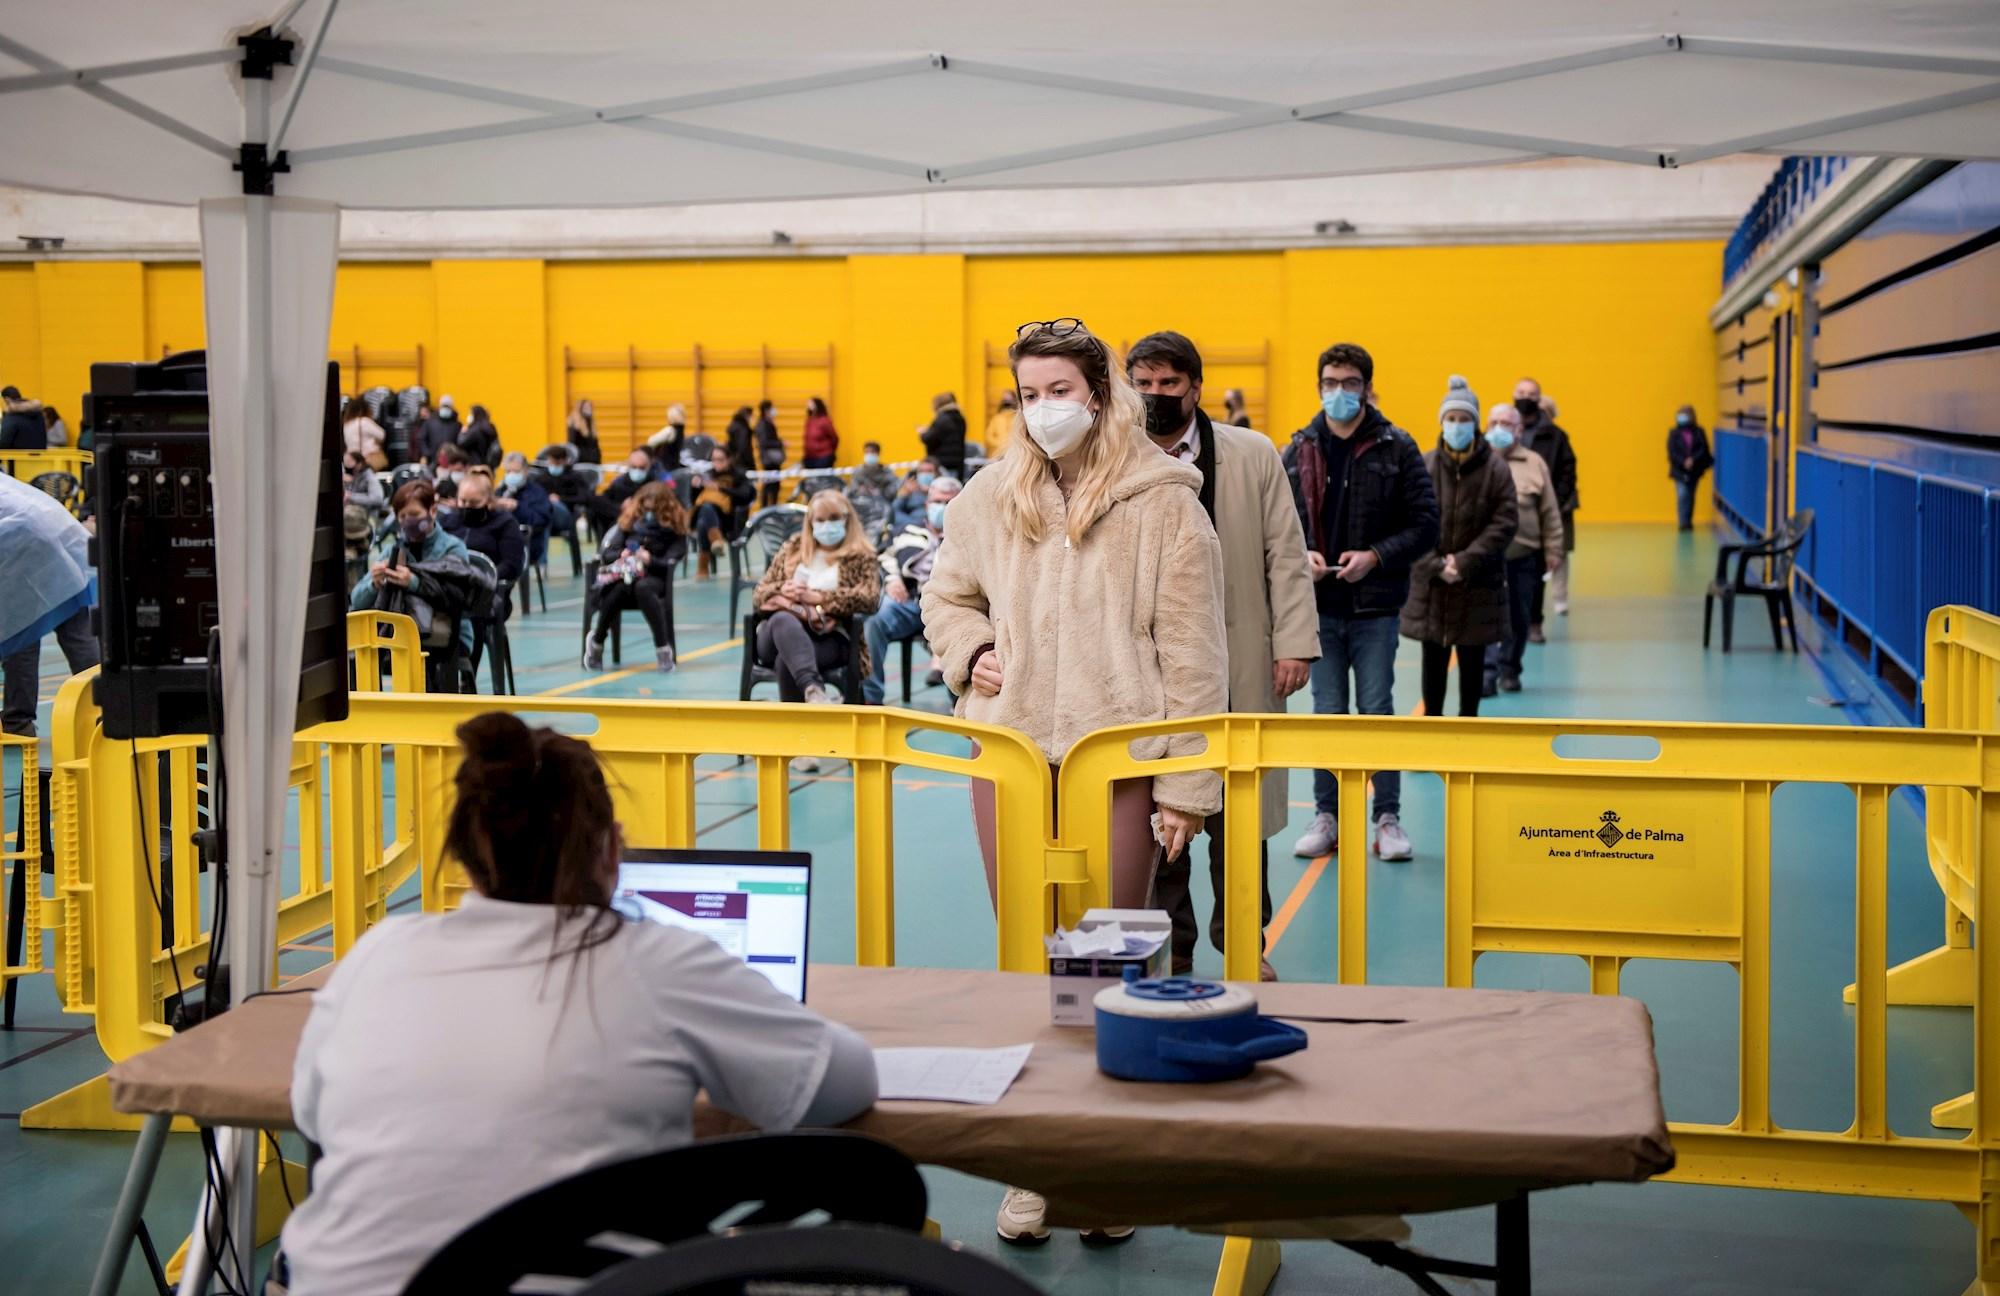 Varias personas esperan su turno para hacerse pruebas de Covid-19 en el barrio del Rafal Nou de Palma de Mallorca, el 28 de diciembre de 2020, en plena temporada de Navidad | EFE/Atienza/Archivo